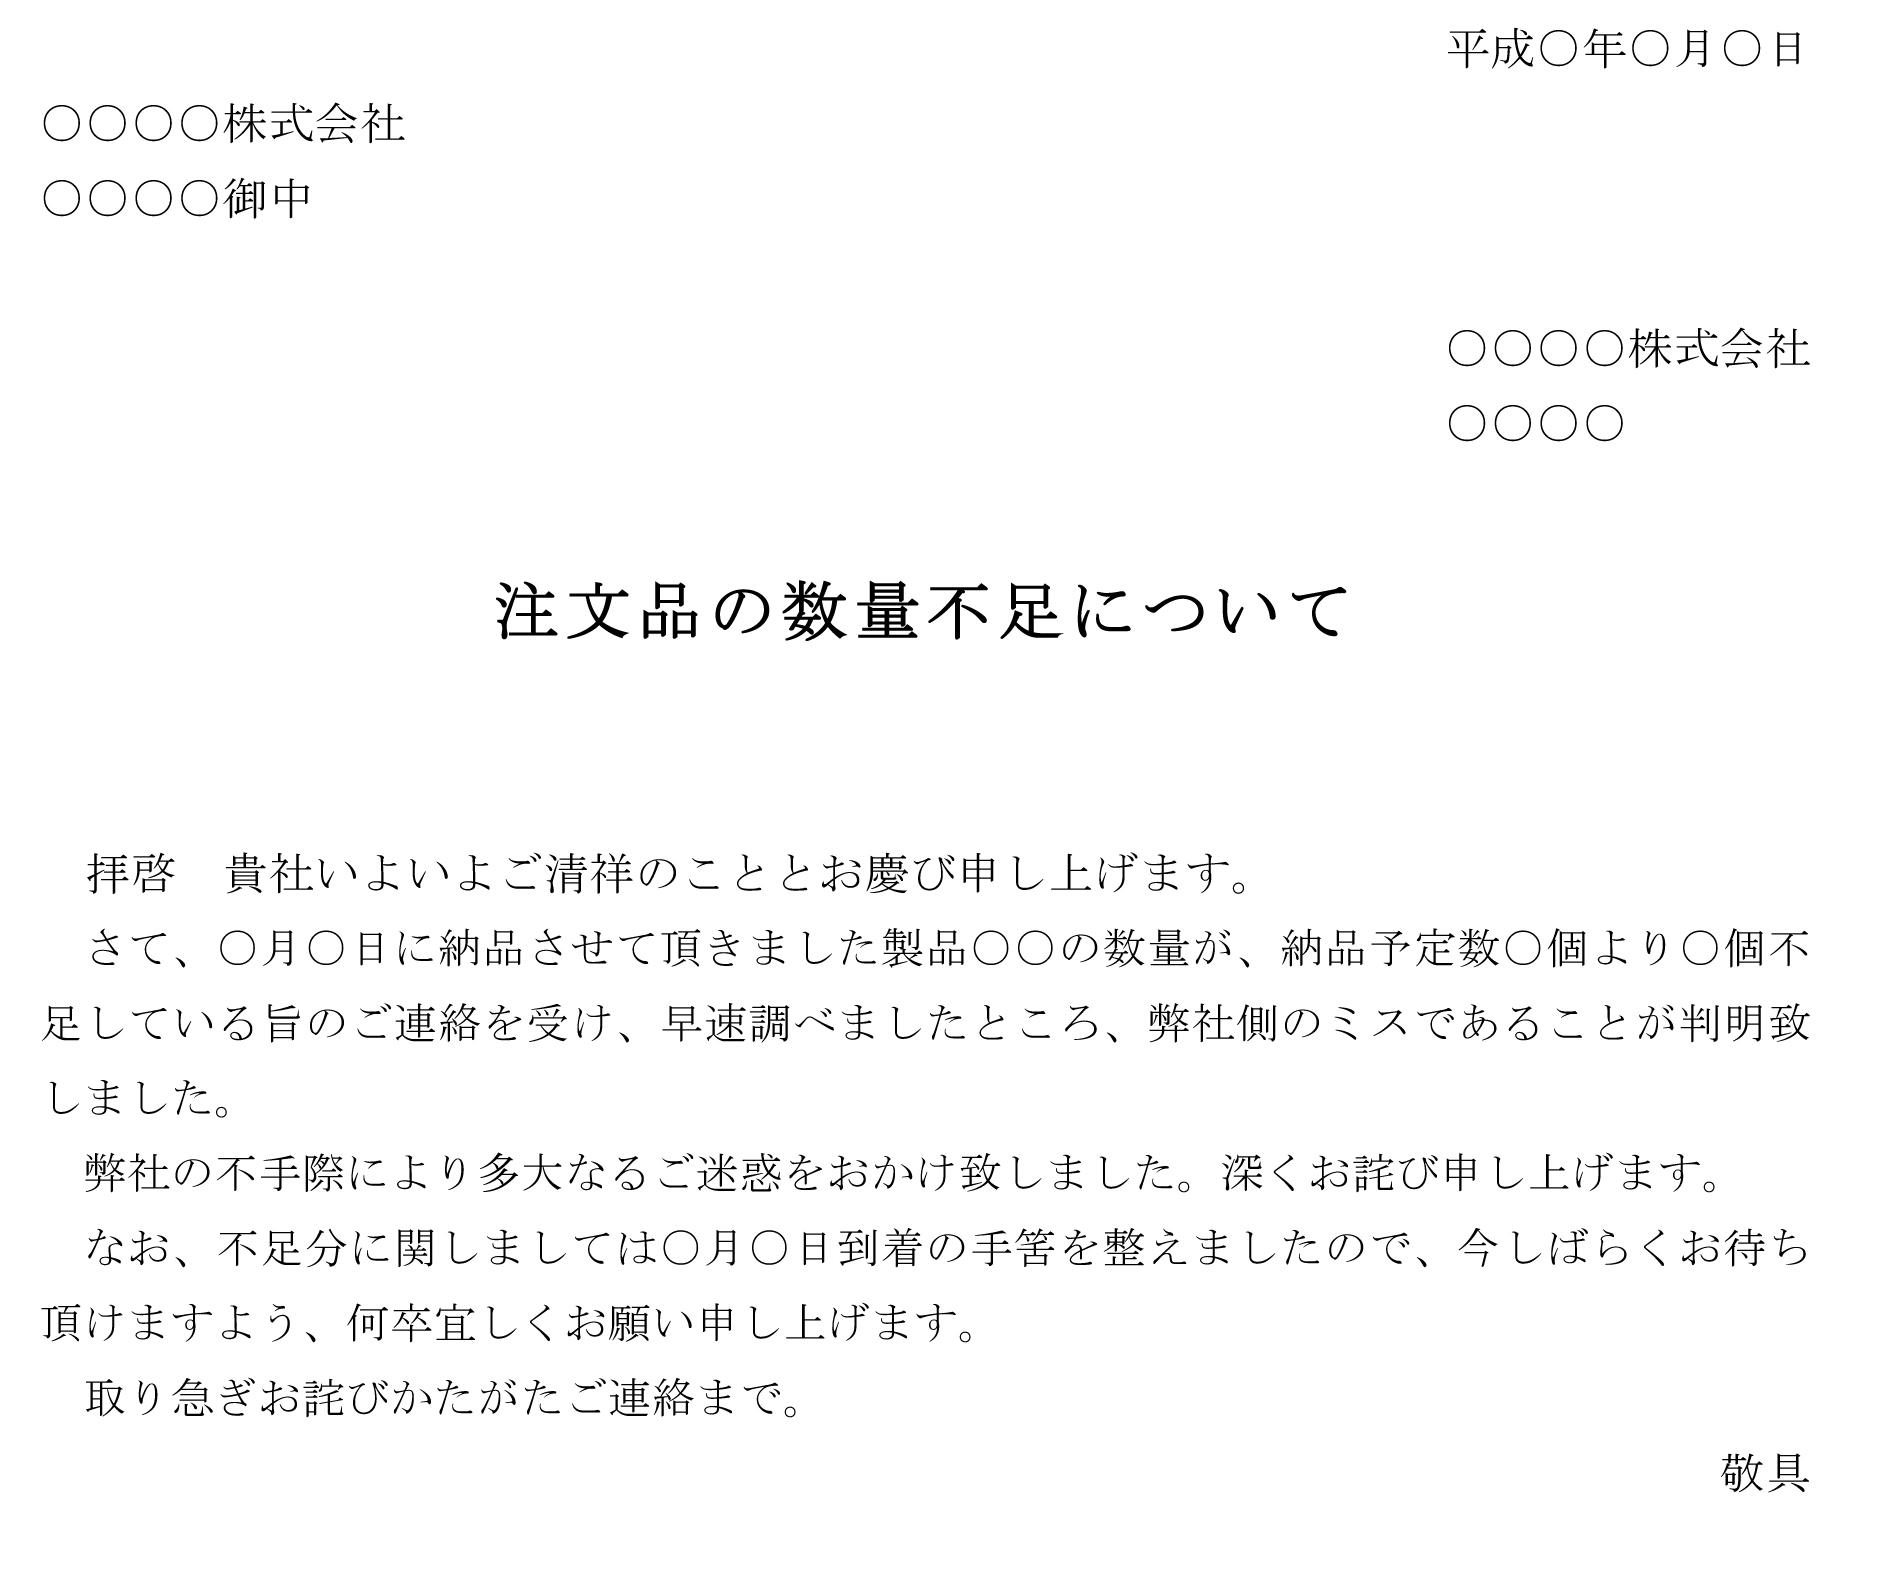 お詫び状(注文品の数量不足)